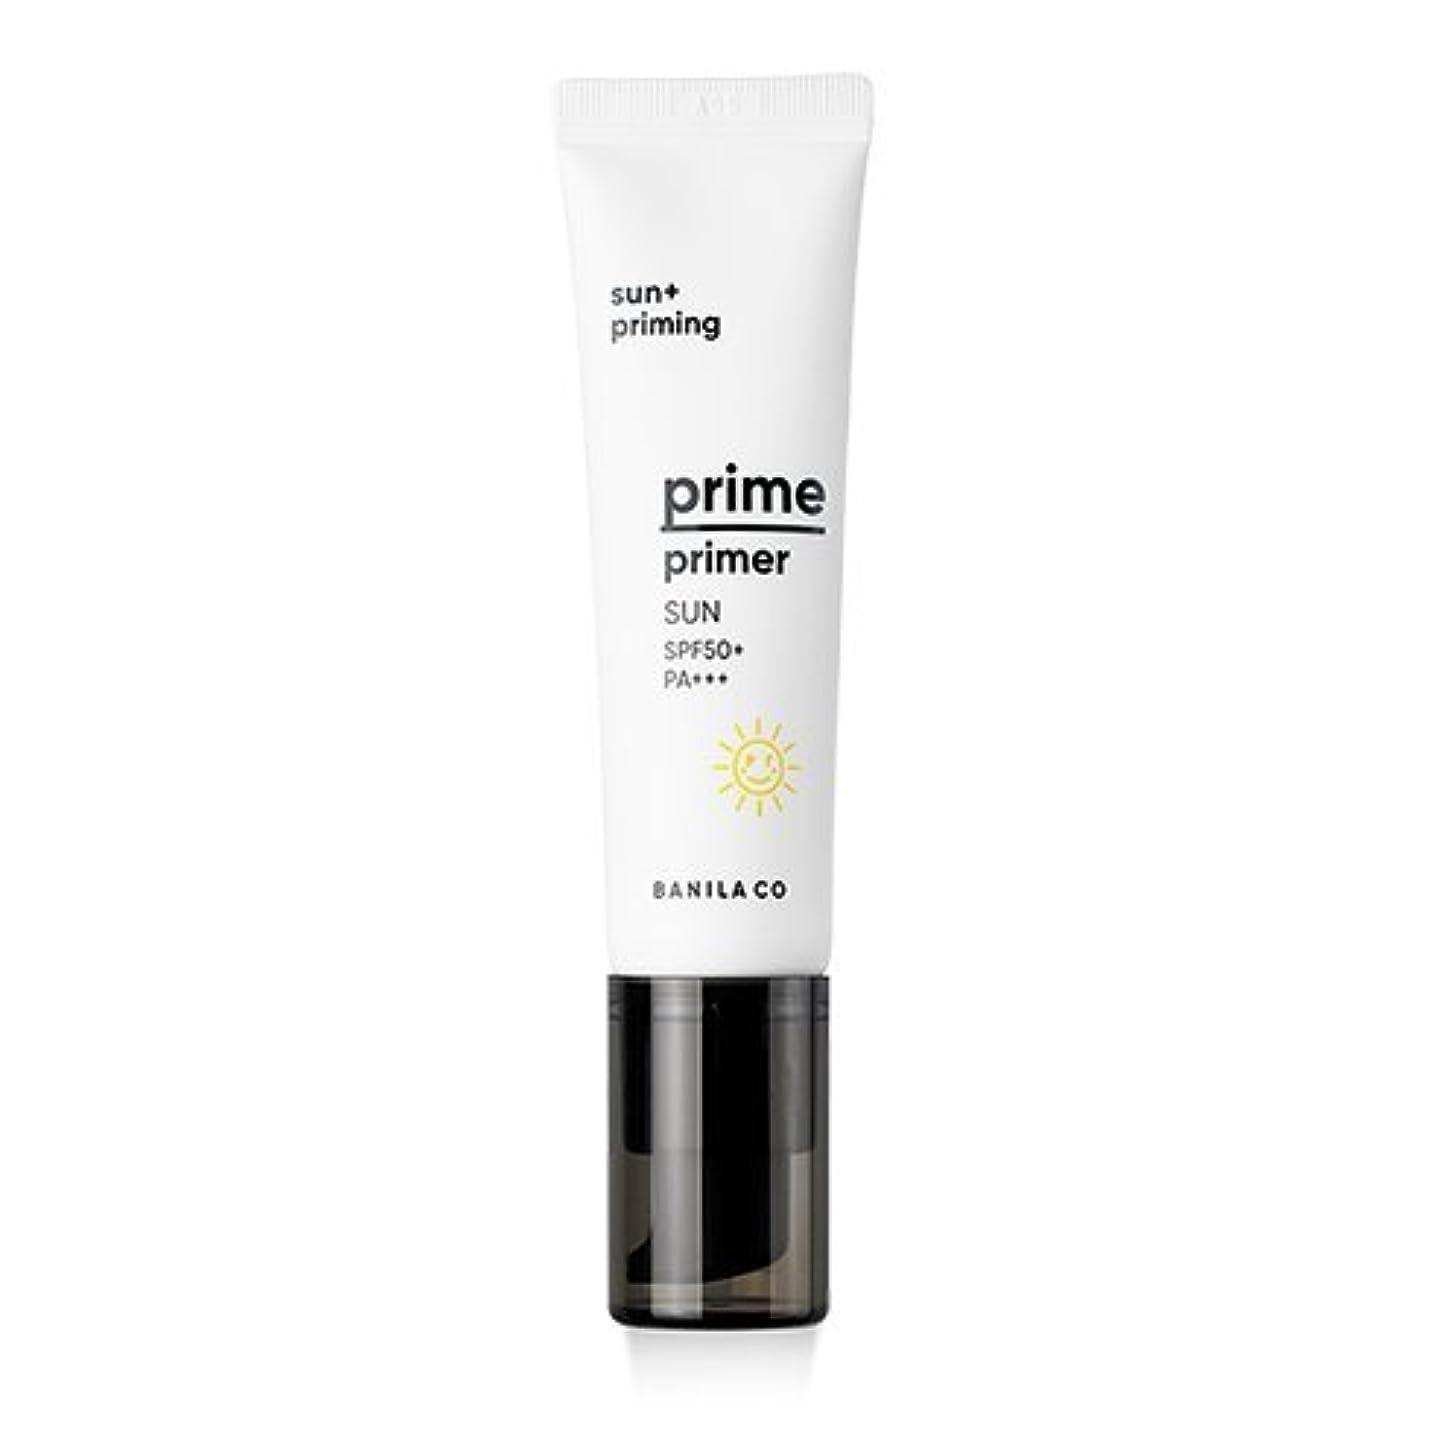 予防接種するカスタム摘む[Renewal] BANILA CO Prime Primer Sun 30ml/バニラコ プライム プライマー サン 30ml [並行輸入品]